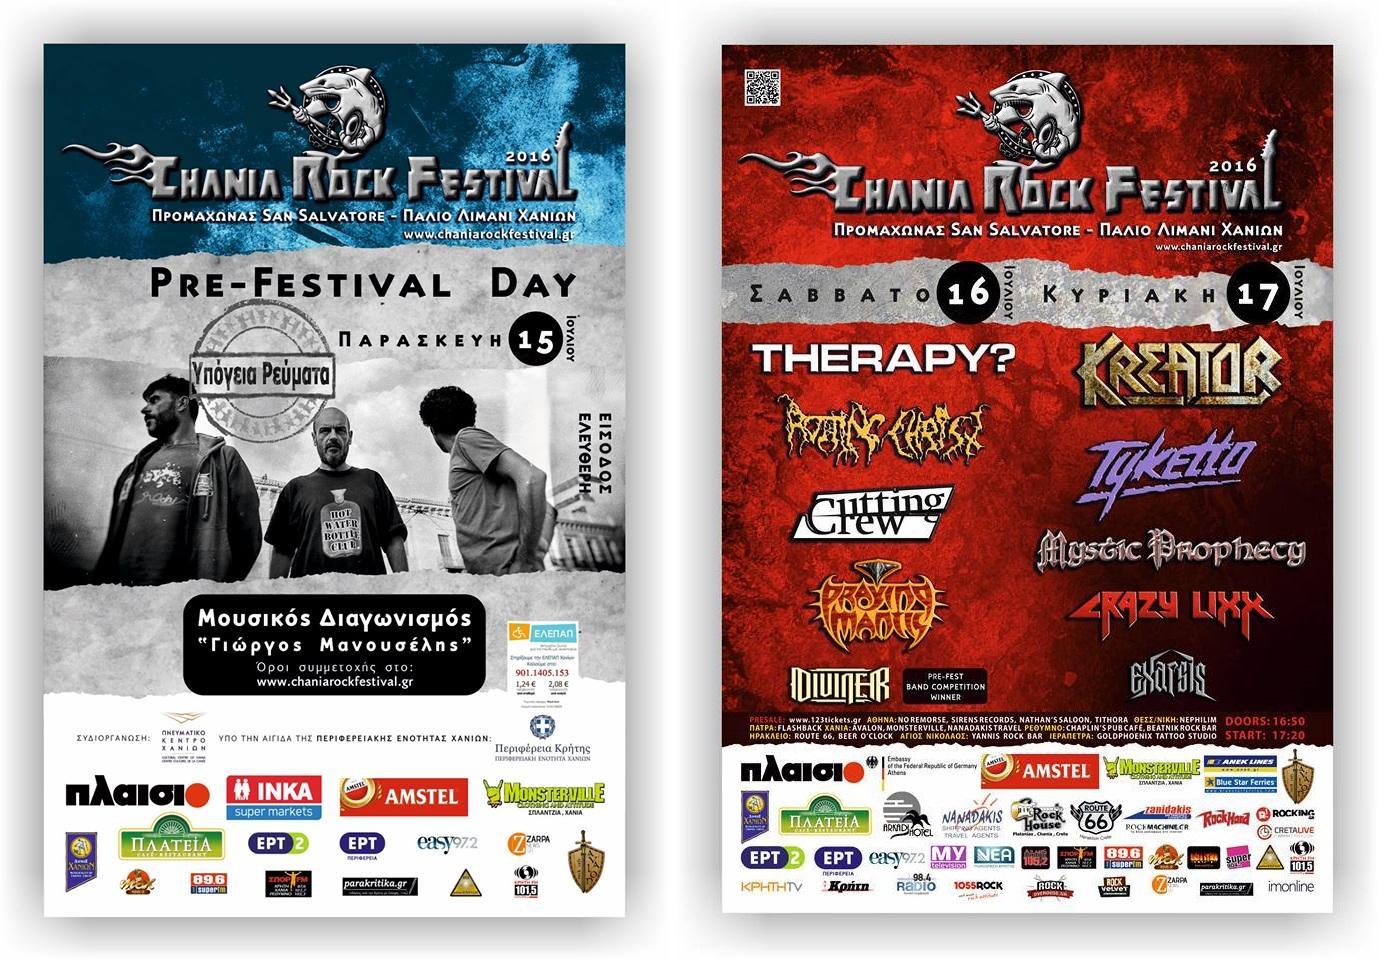 Official_poster_-_Pre-festival_day.jpg